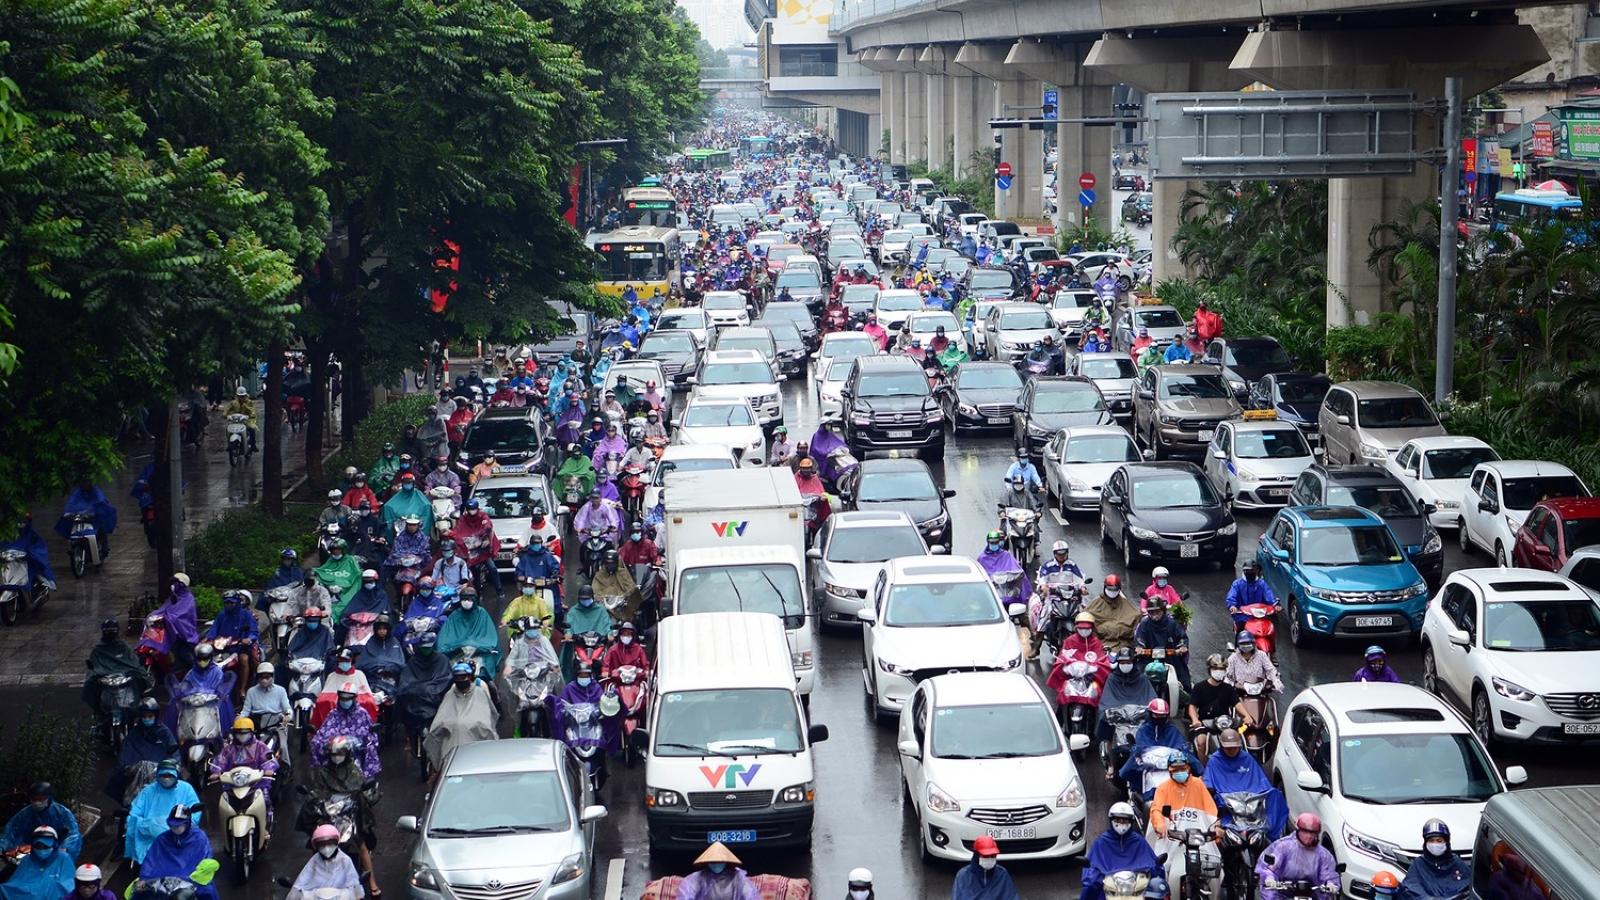 Hà Nội bế tắc với các giải pháp chống ùn tắc giao thông